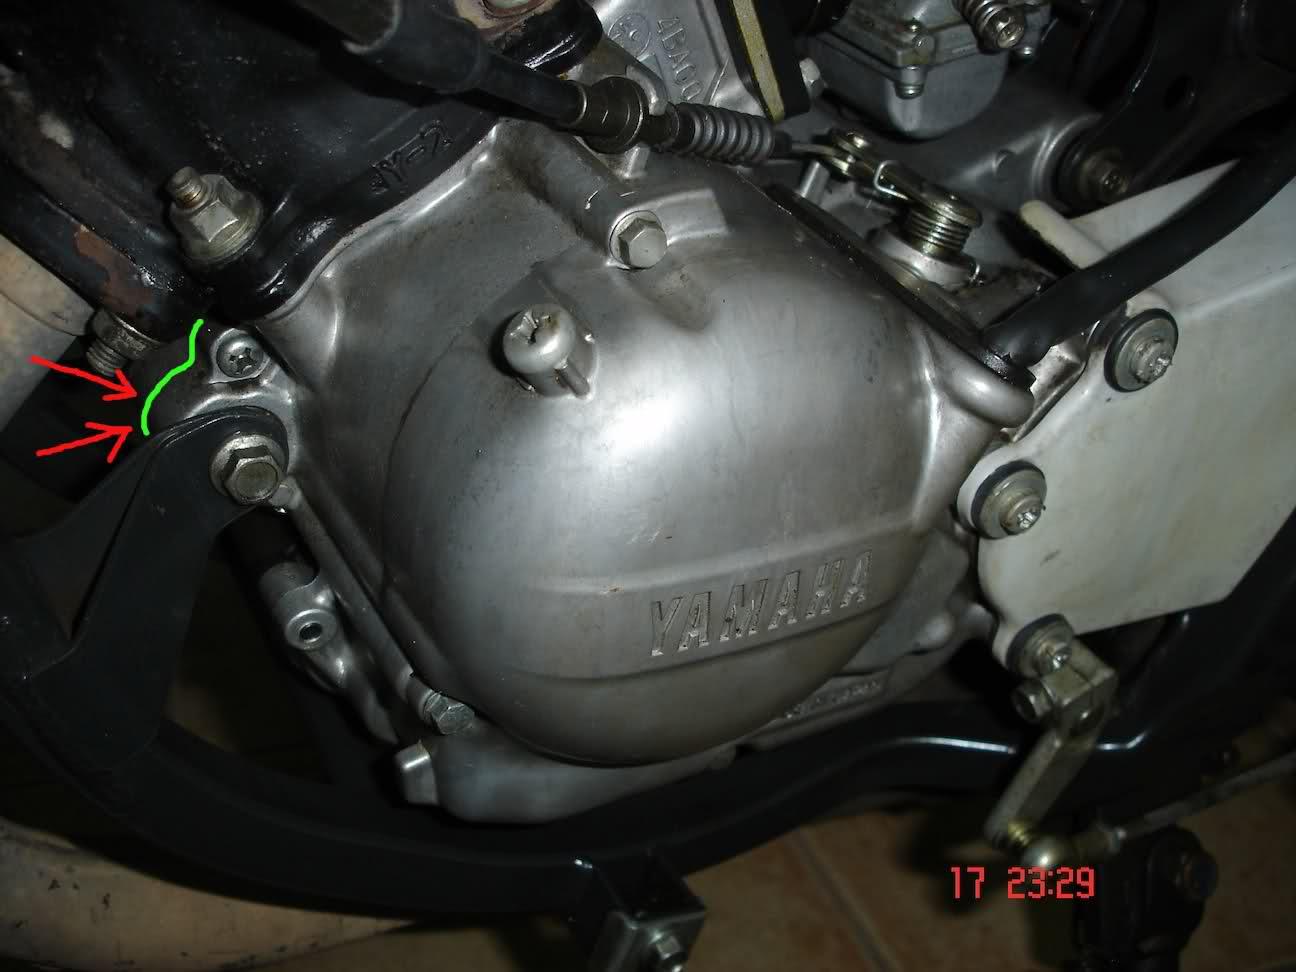 Fuga de aceite en Yamaha TZR 80 RR O6enty